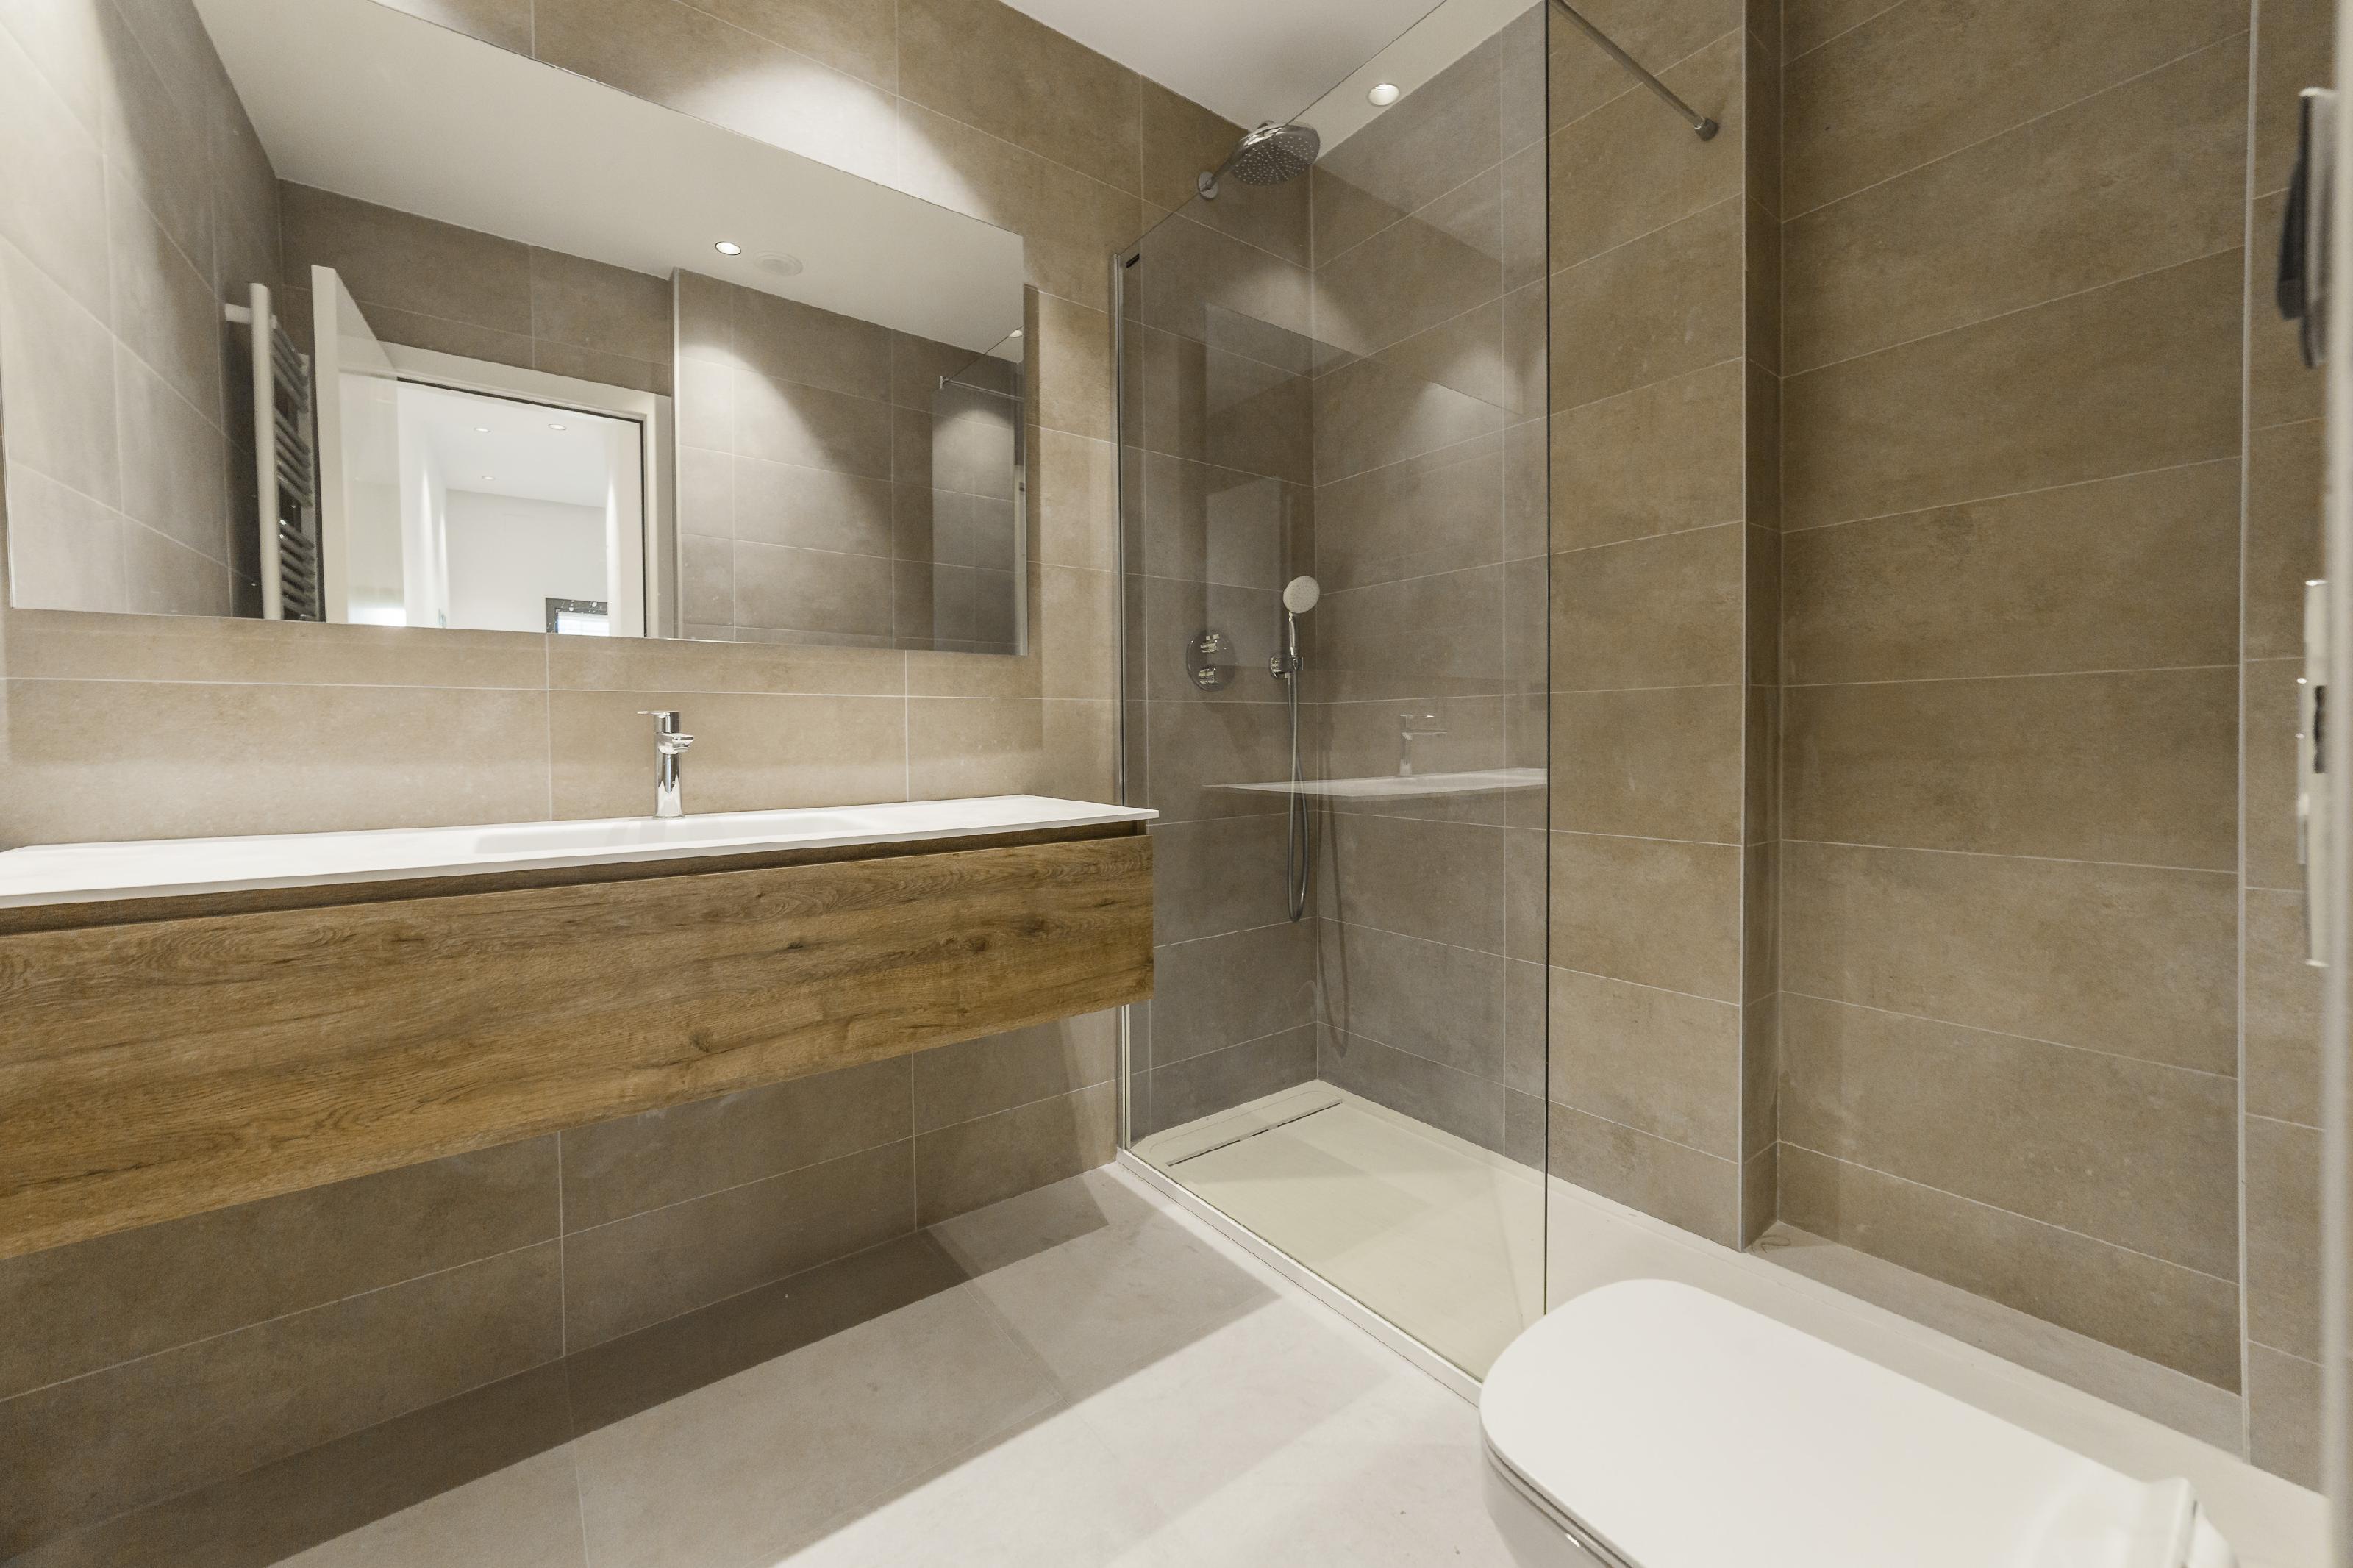 251949 Apartment for sale in Eixample, Antiga Esquerre Eixample 17